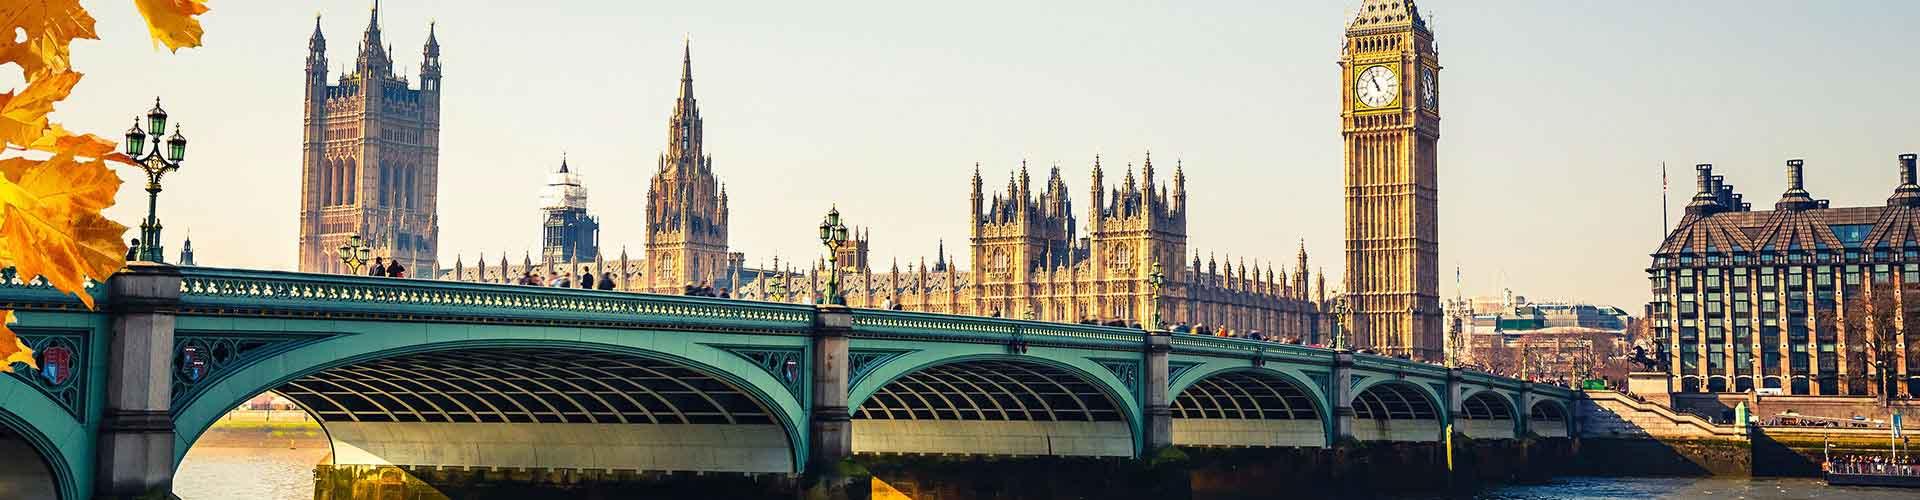 Londyn - Hostele w mieście: Londyn, Mapy: Londyn, Zdjęcia i Recenzje dla każdego hostelu w mieście Londyn.